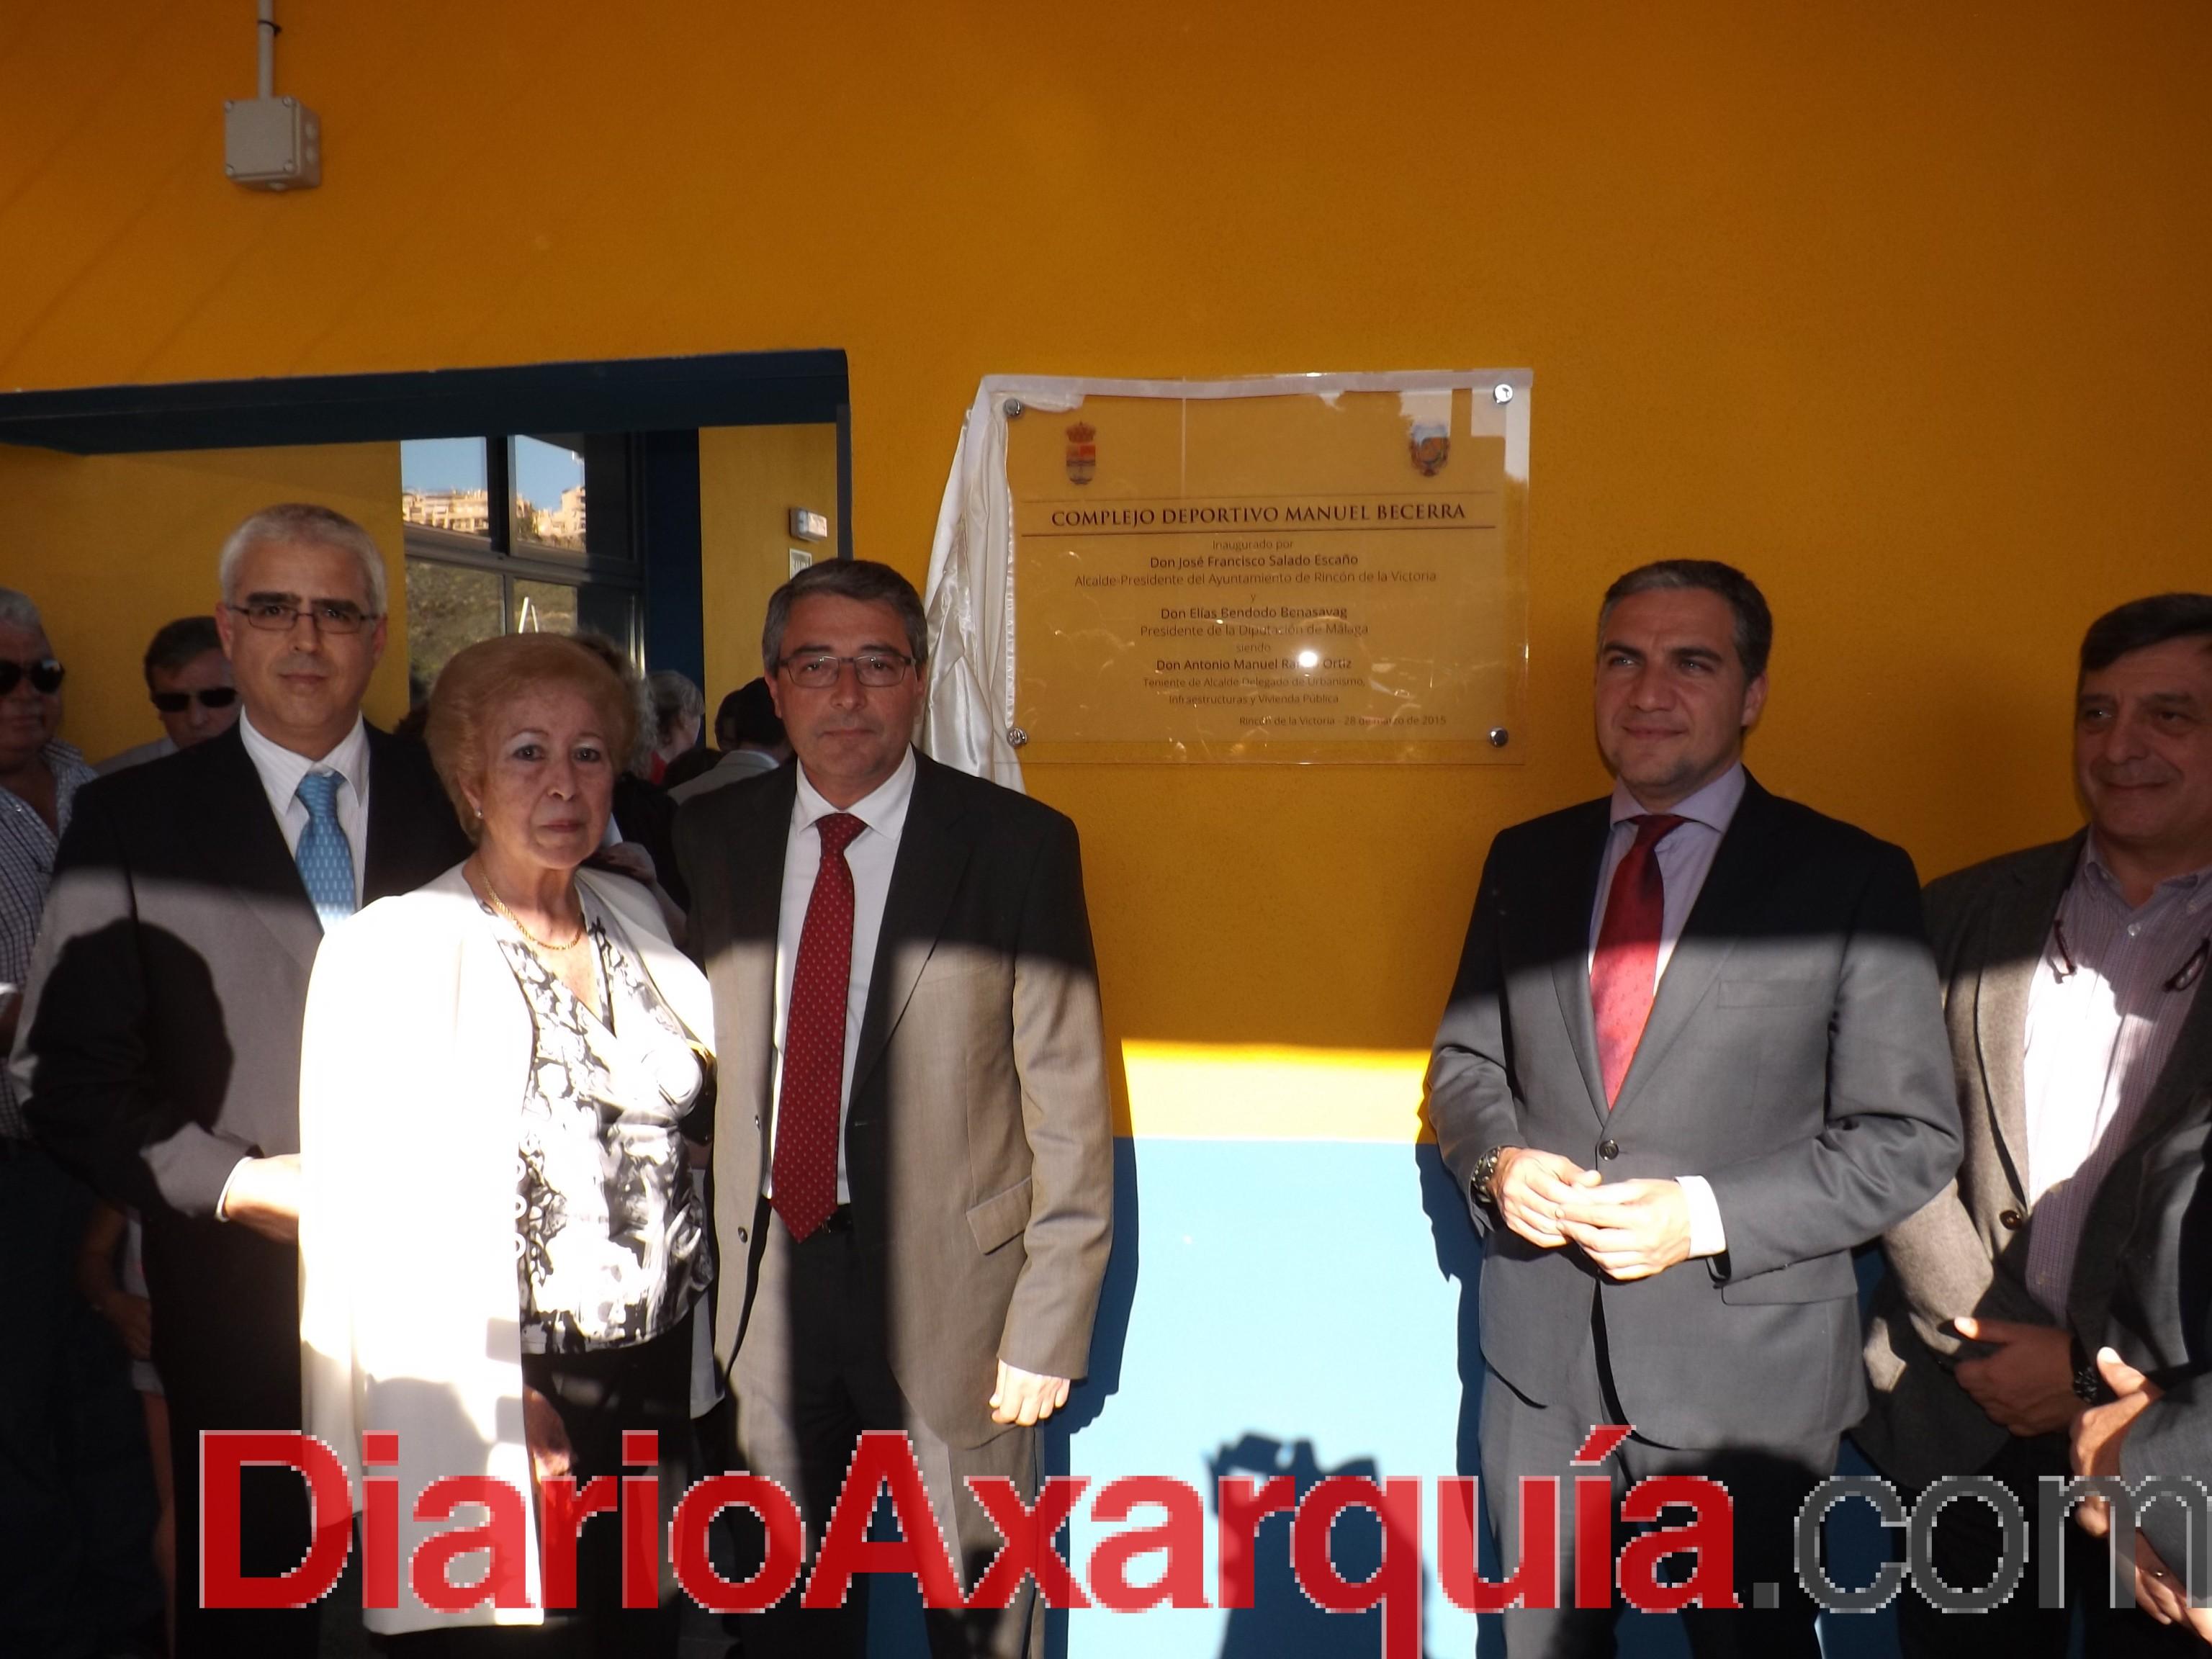 El Complejo Deportivo Manuel Becerra en Rincón de la Victoria…